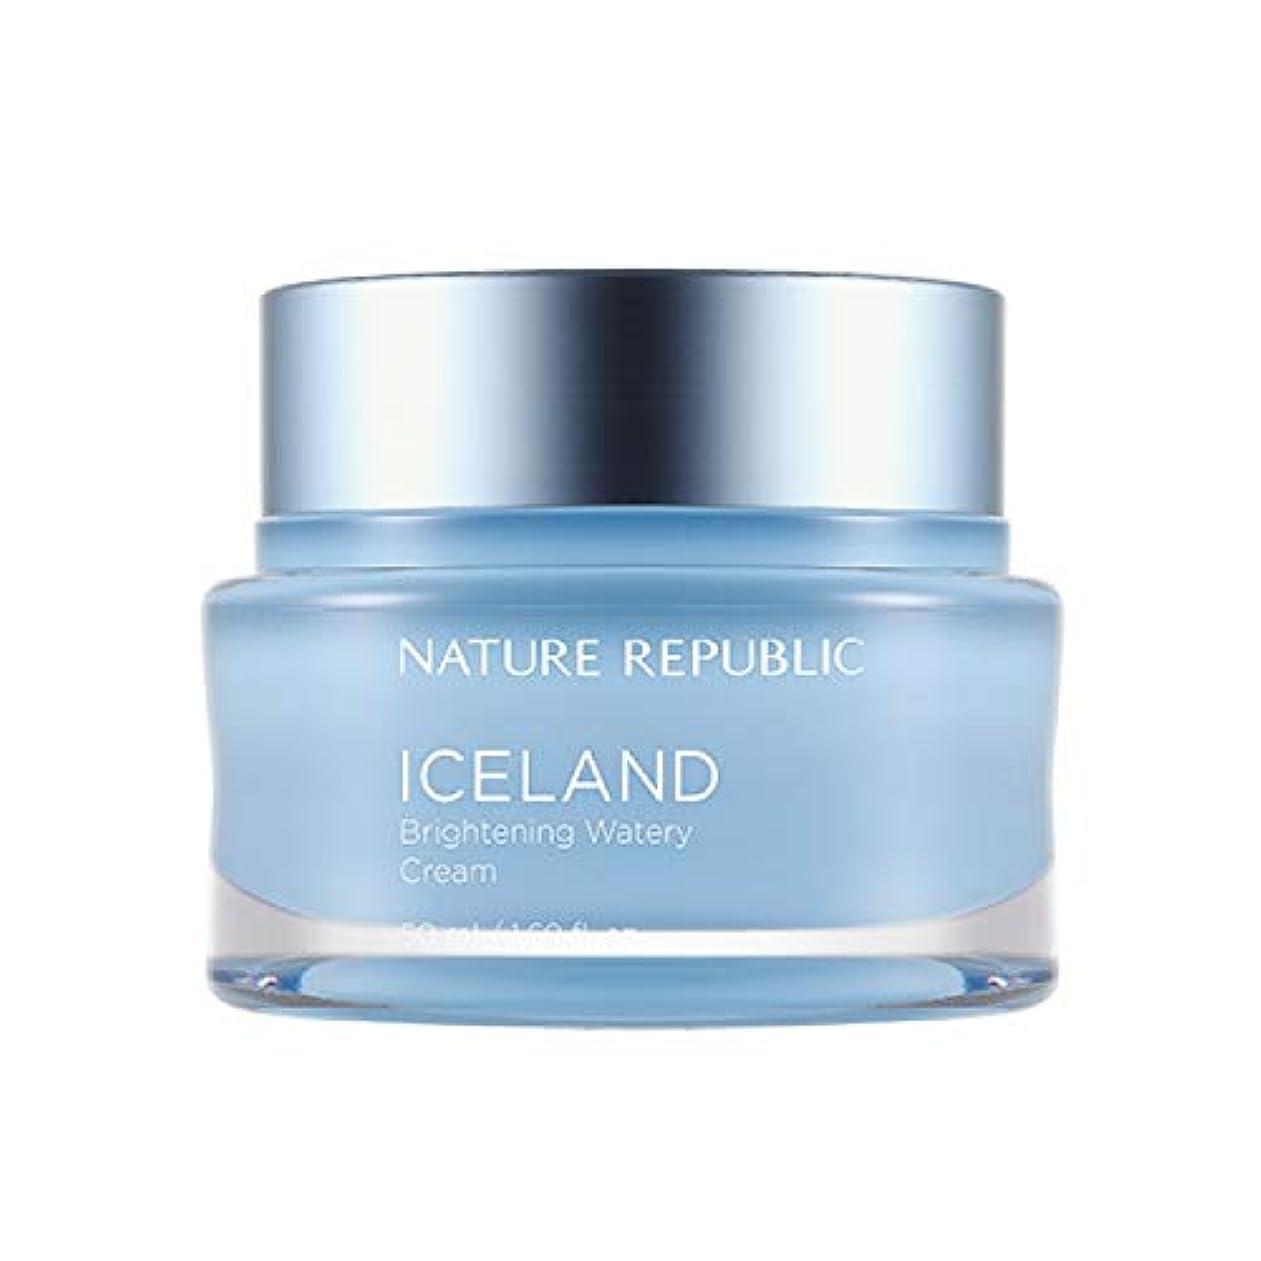 予防接種する父方の教えてネイチャーリパブリック(Nature Republic)アイスブライトニング水分クリーム 50ml / Iceland Brightening Watery Cream 50ml :: 韓国コスメ [並行輸入品]